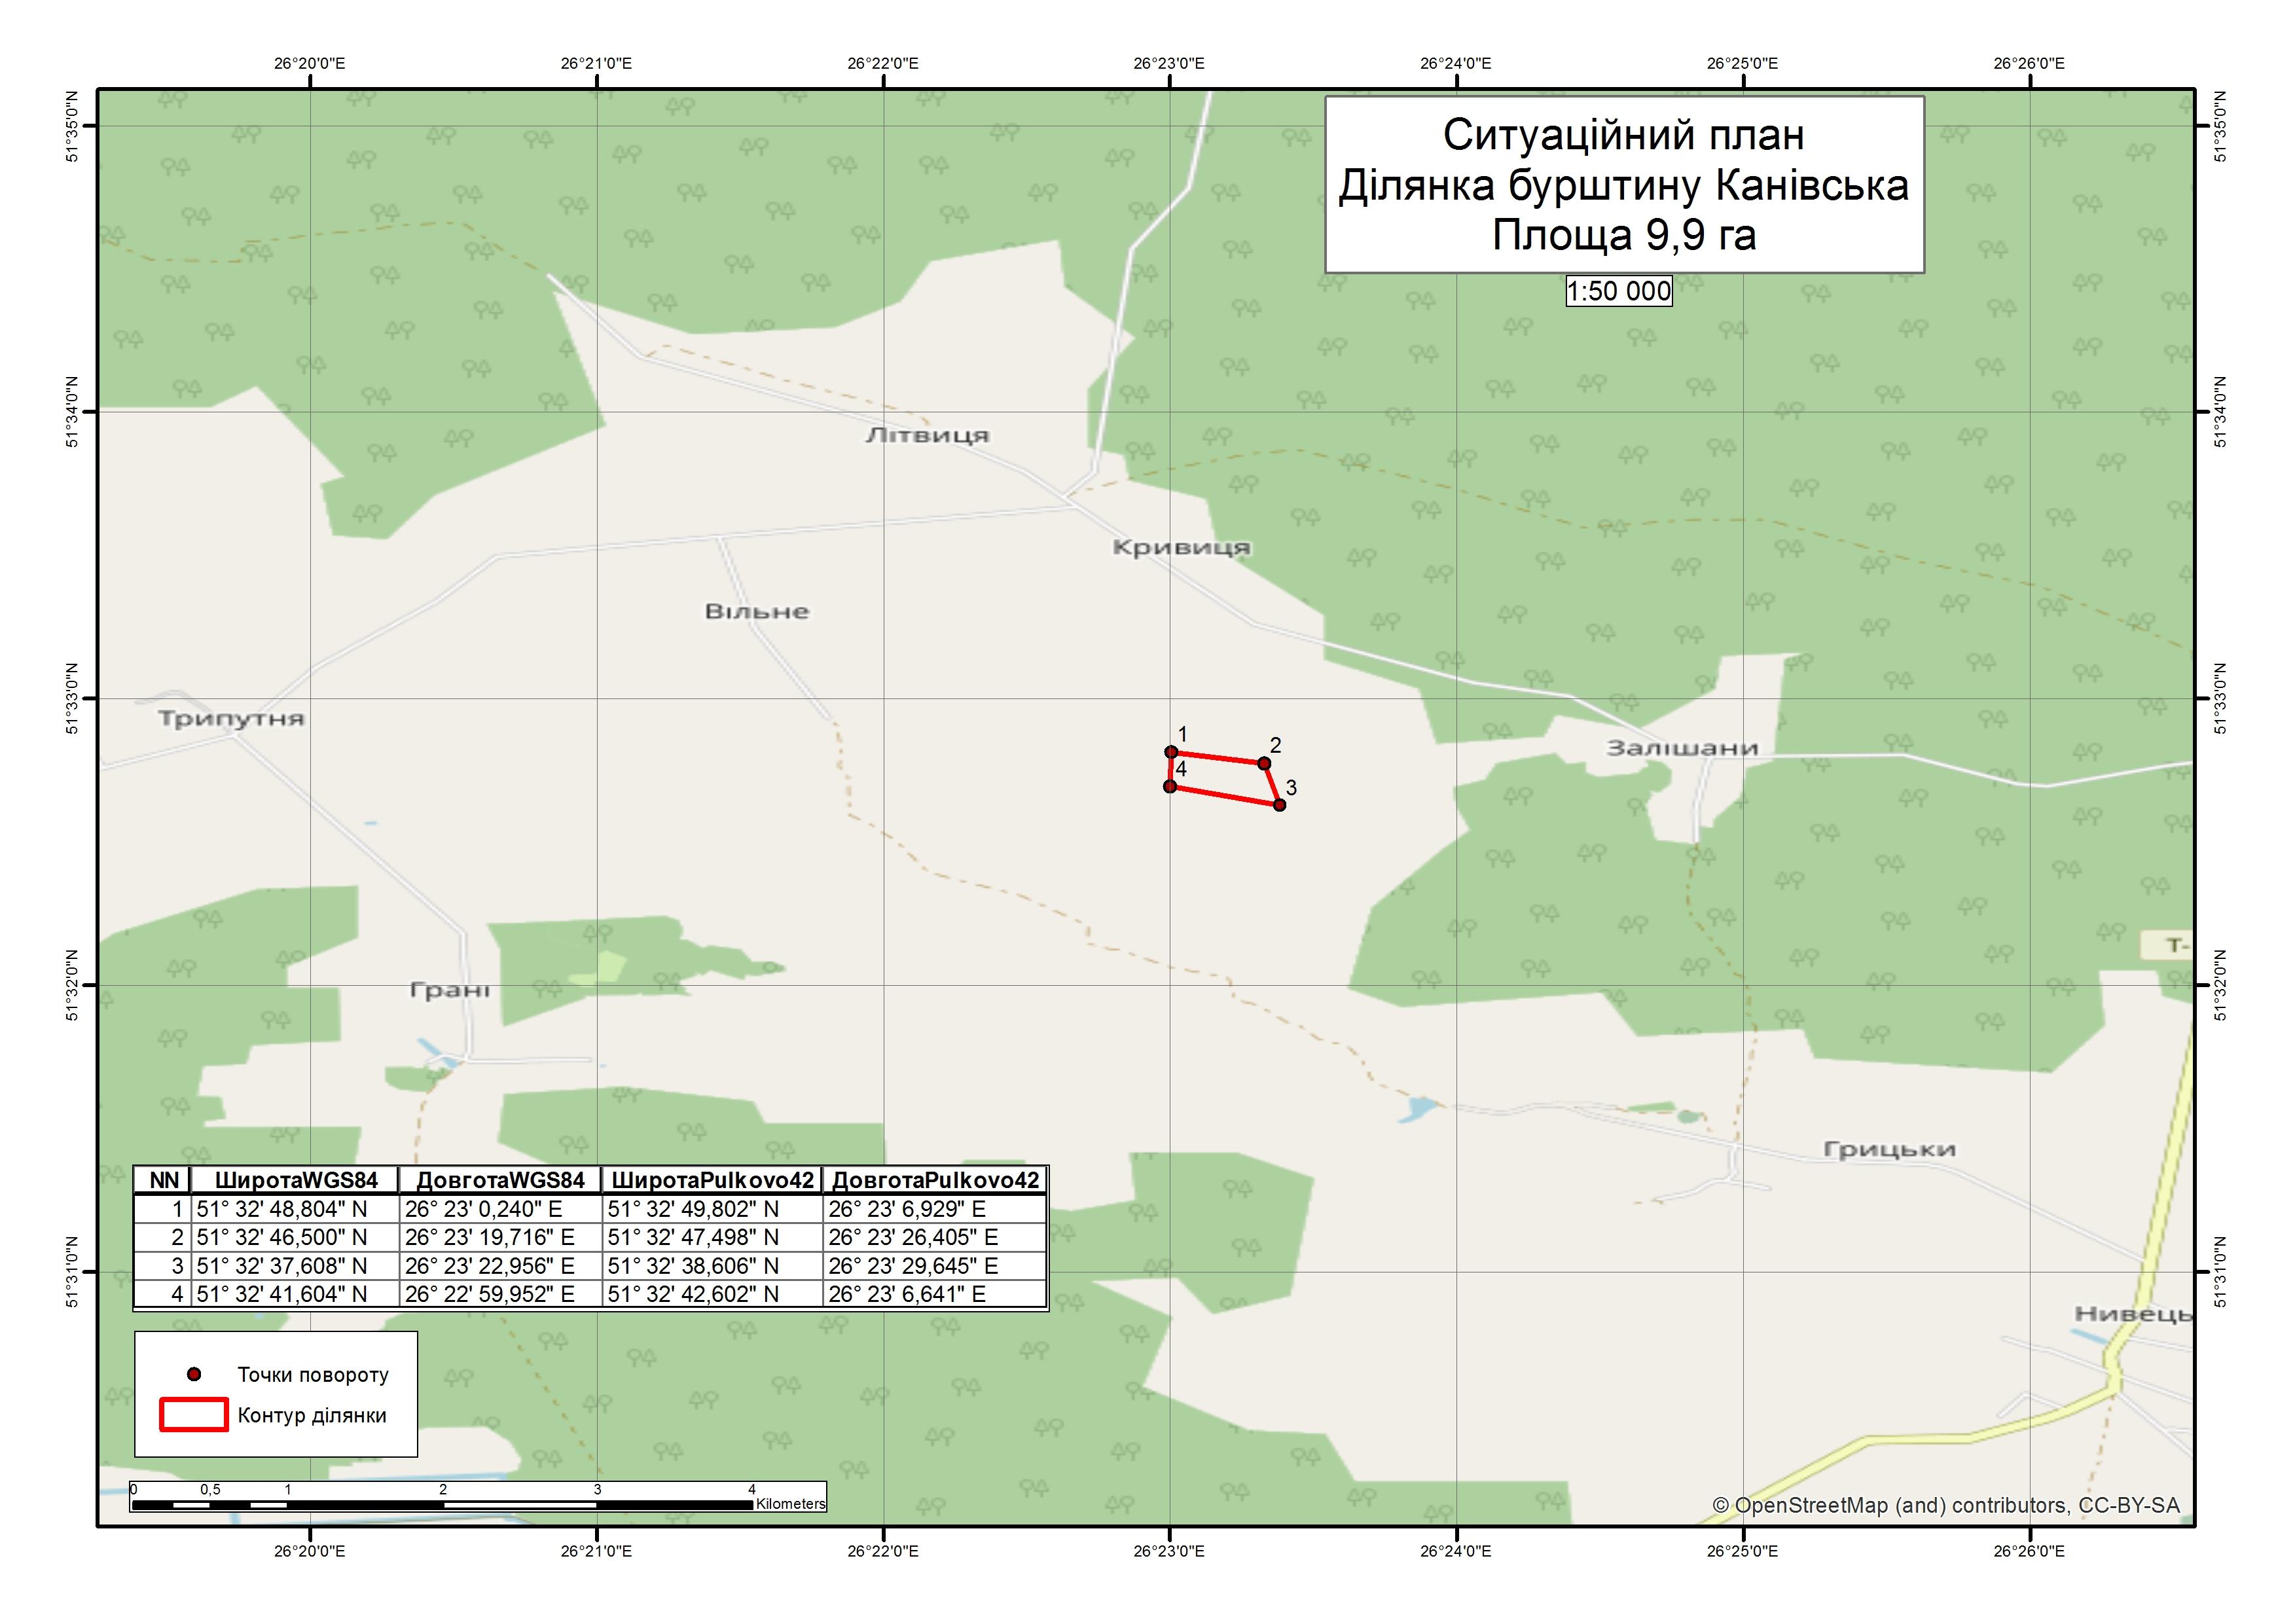 Спеціальний дозвіл на користування надрами – Ділянка Канівська. Вартість геологічної інформації – 97 931,74 грн (з ПДВ). Вартість пакету аукціонної документації – 10 501,92 грн (з ПДВ).